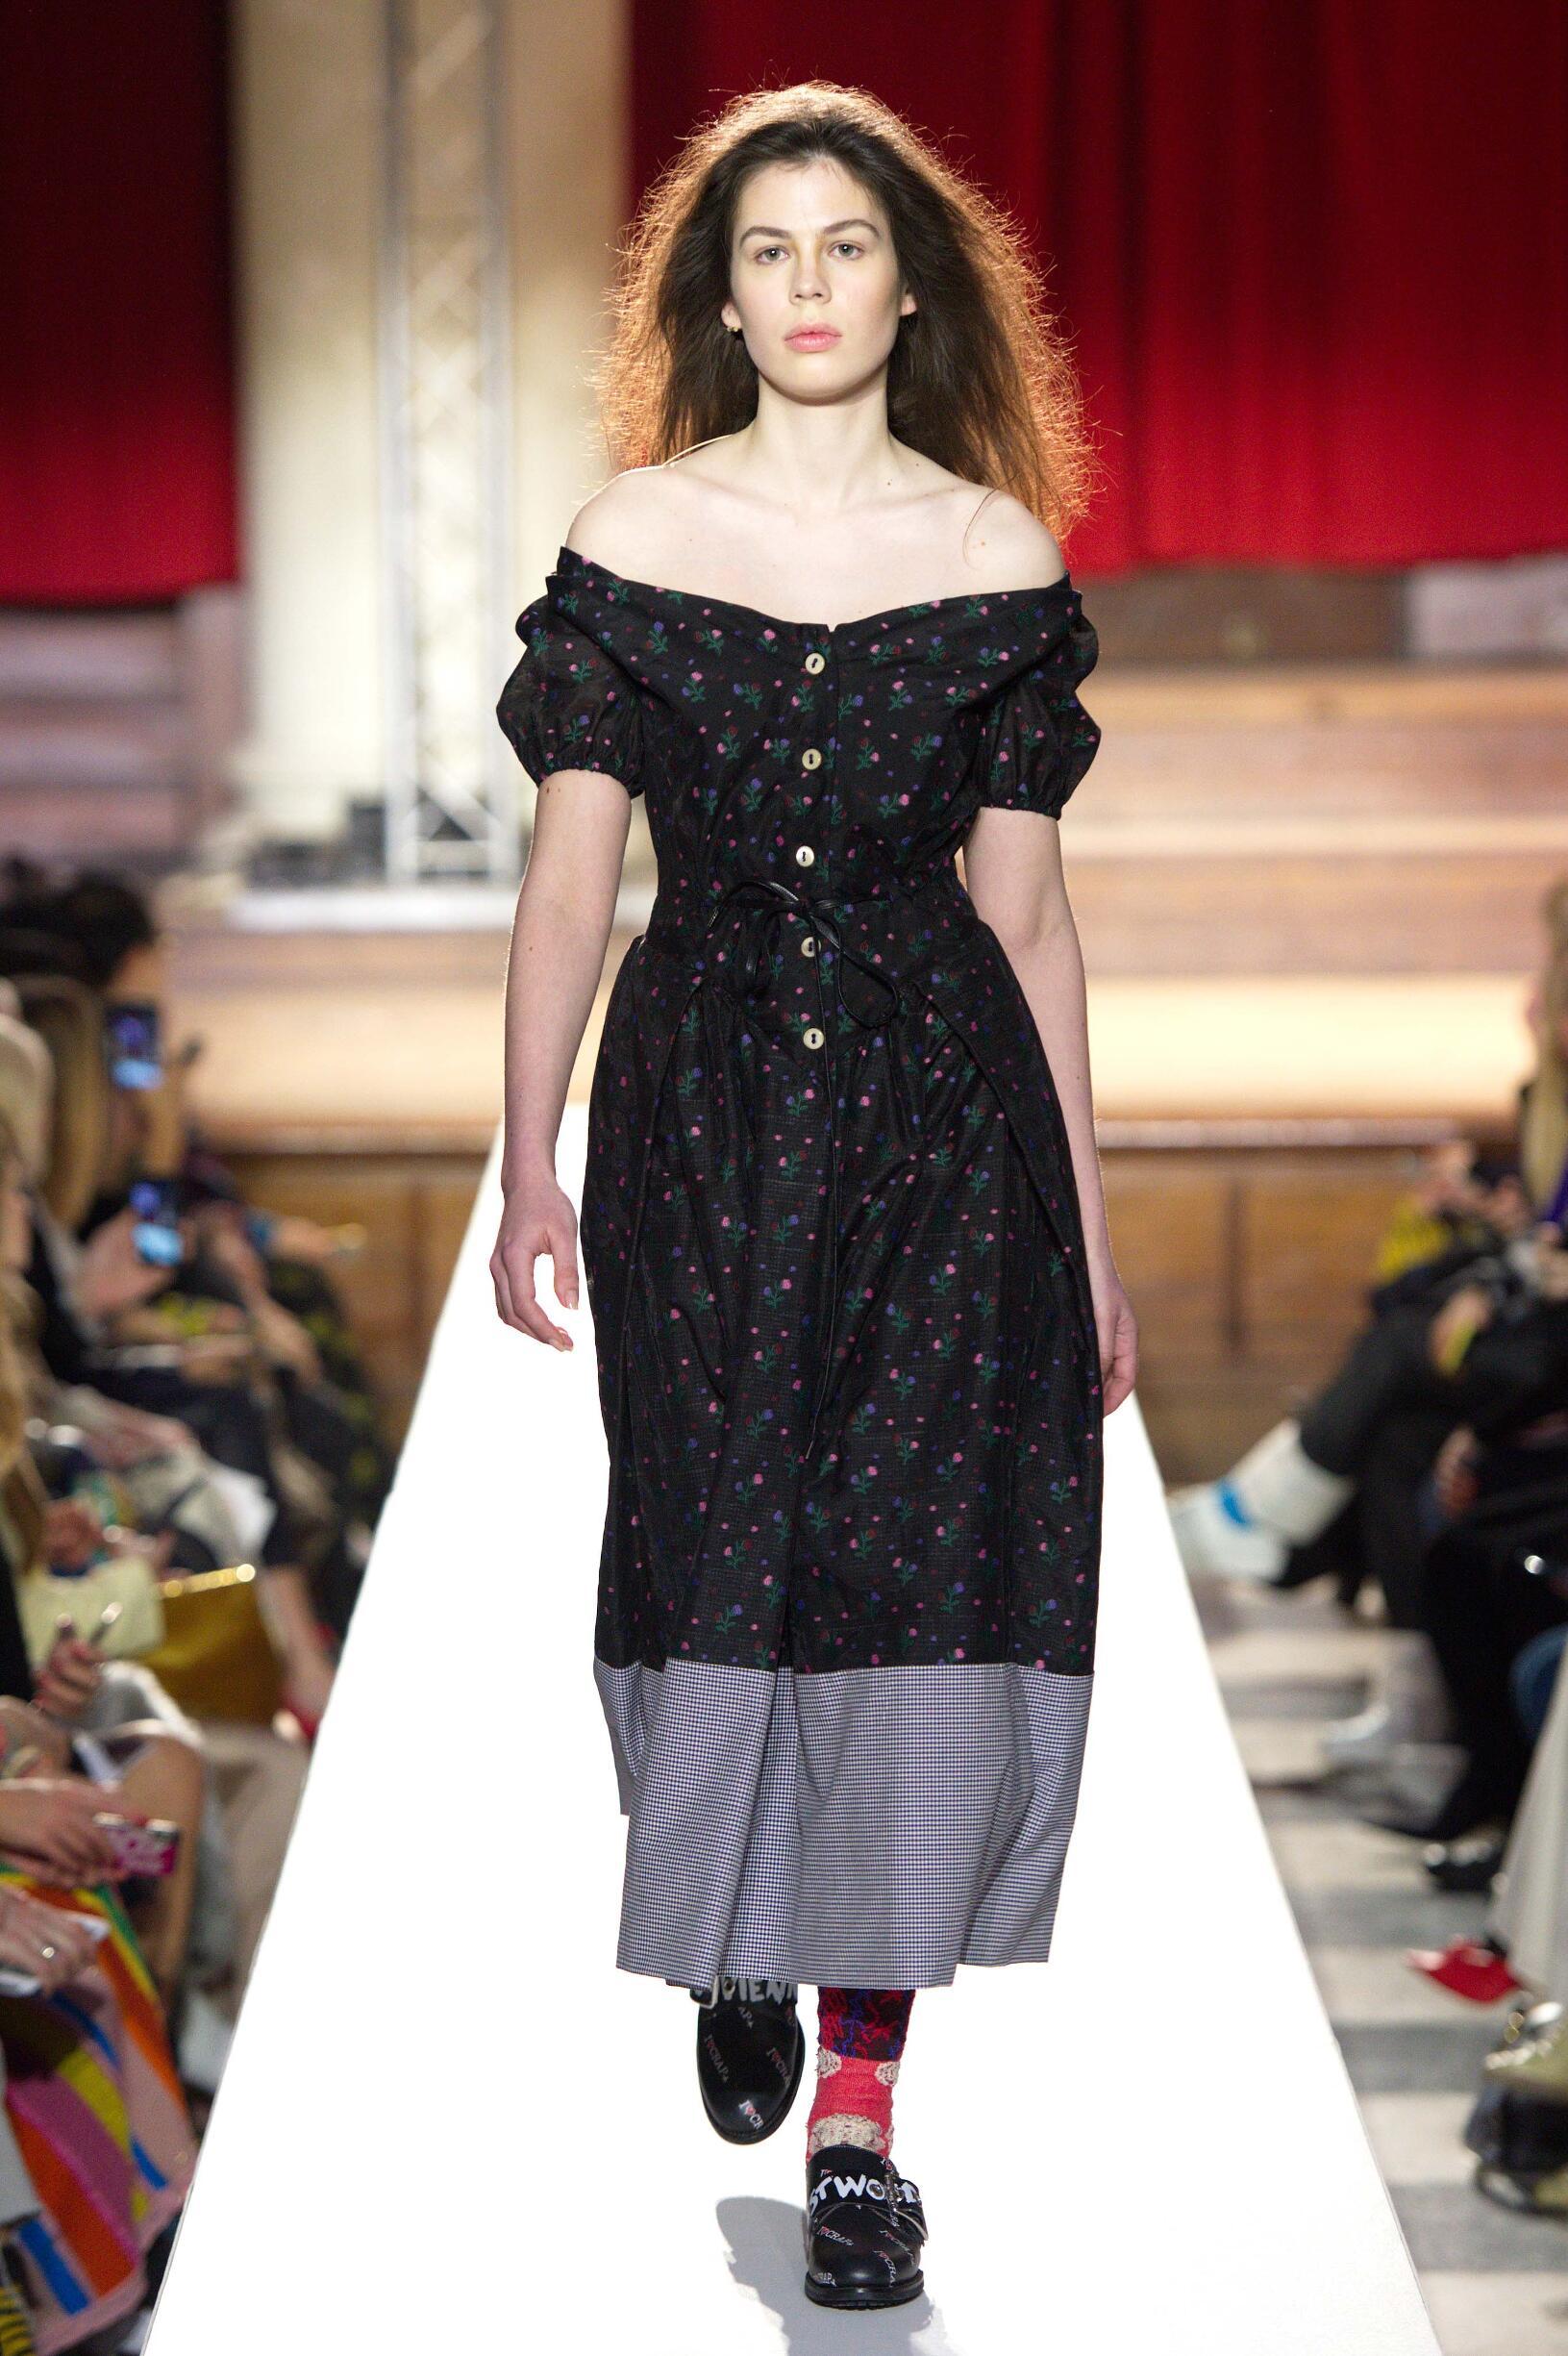 Vivienne Westwood London Fashion Week Womenswear 2019-20